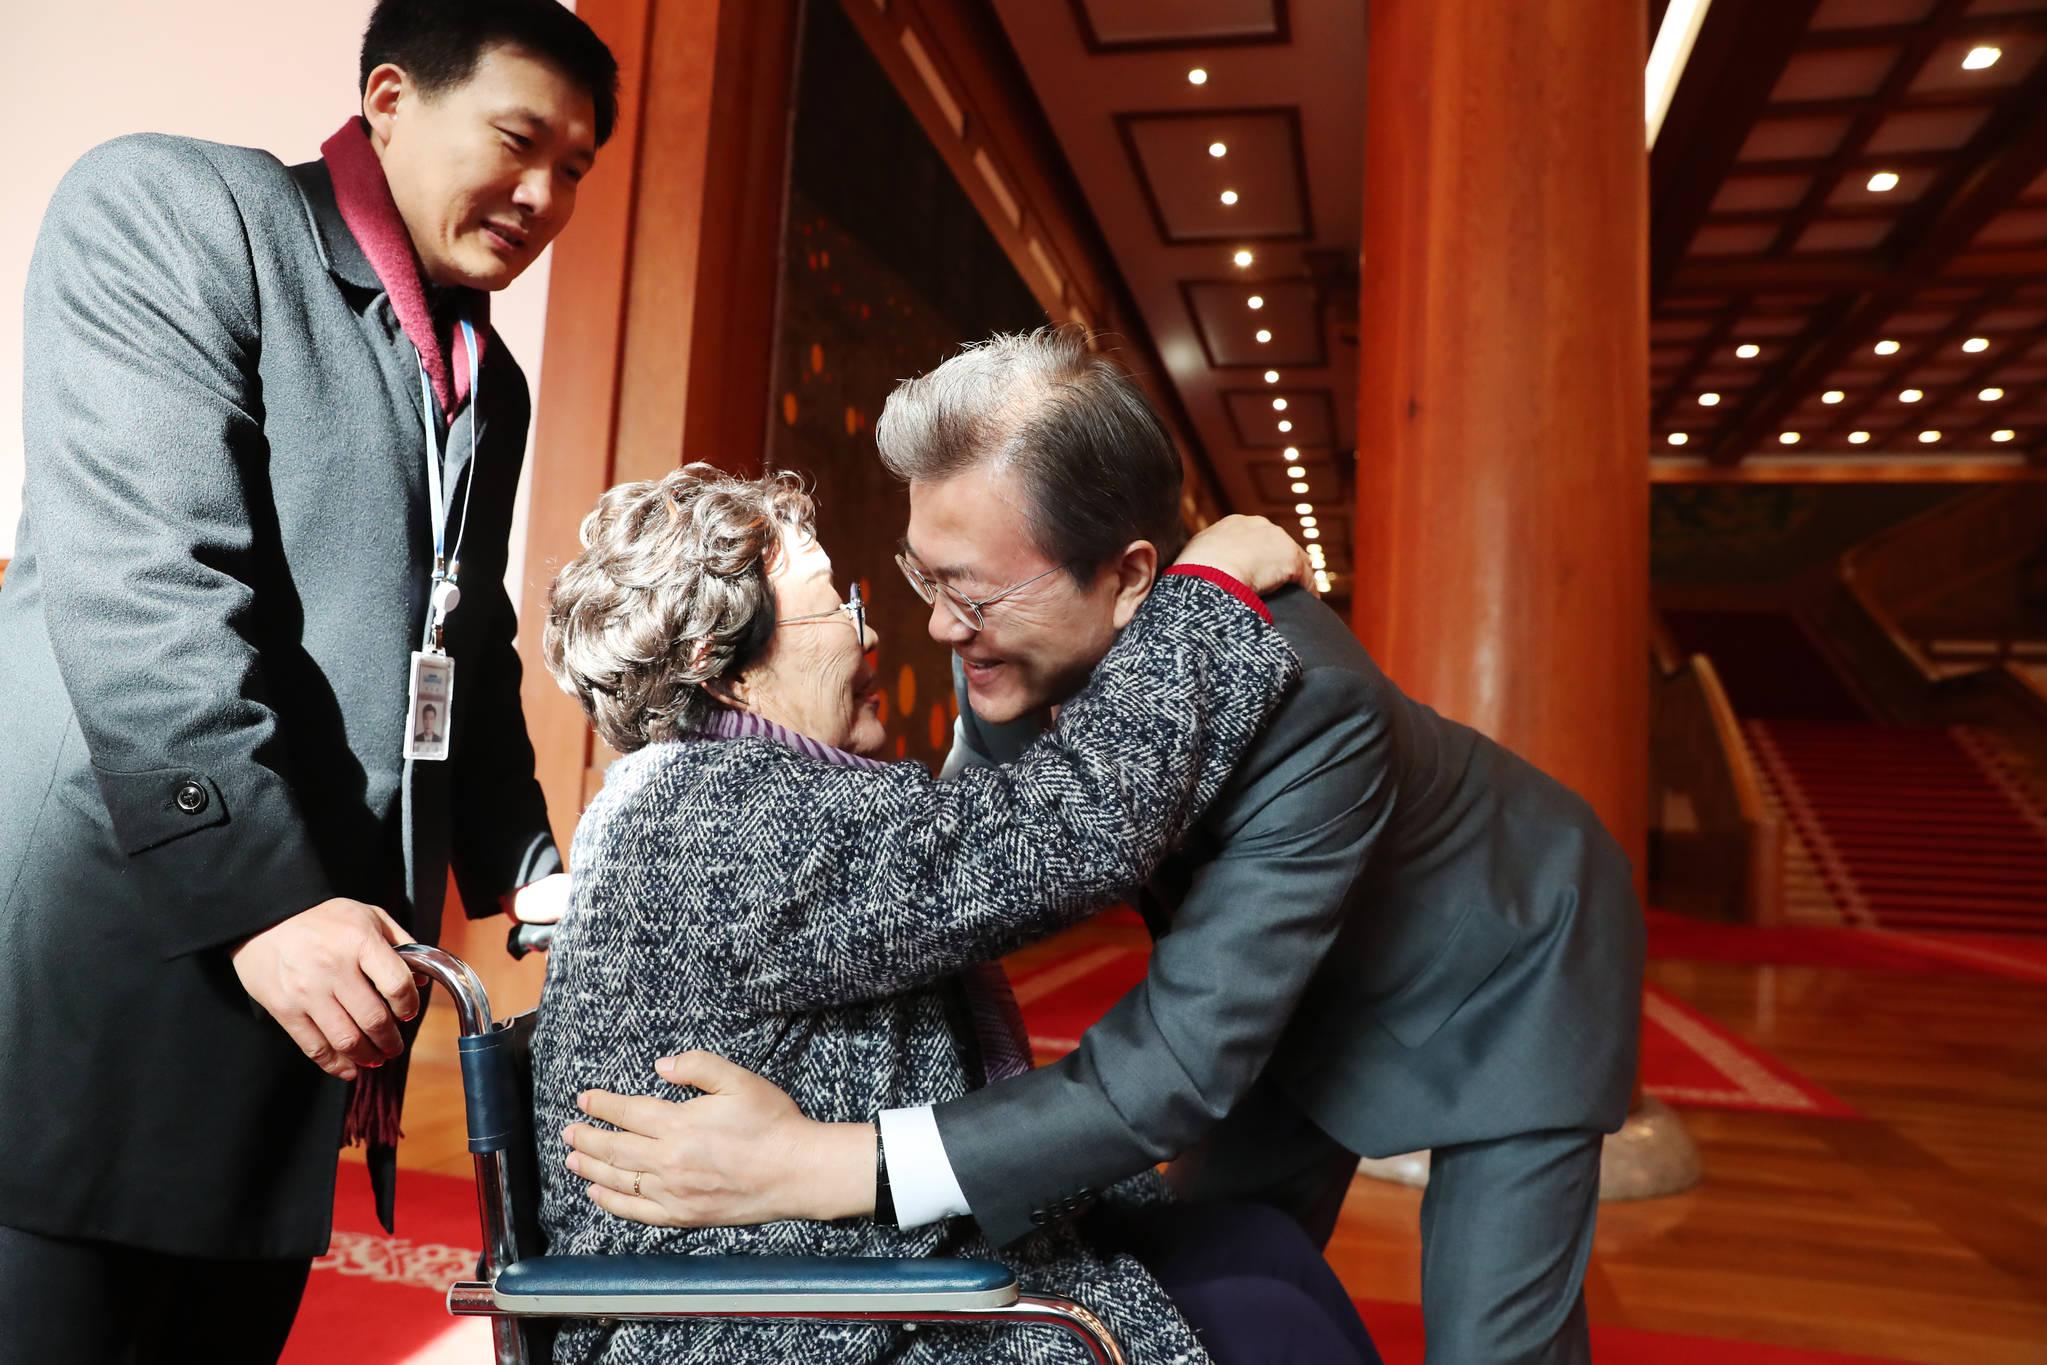 문재인 대통령은 지난 4일 일본군 위안부 피해자들을 청와대로 초청해 오찬을 함께 했다.문 대통령이 박옥선 할머니와 인사를 나누고 있다. [사진 청와대]